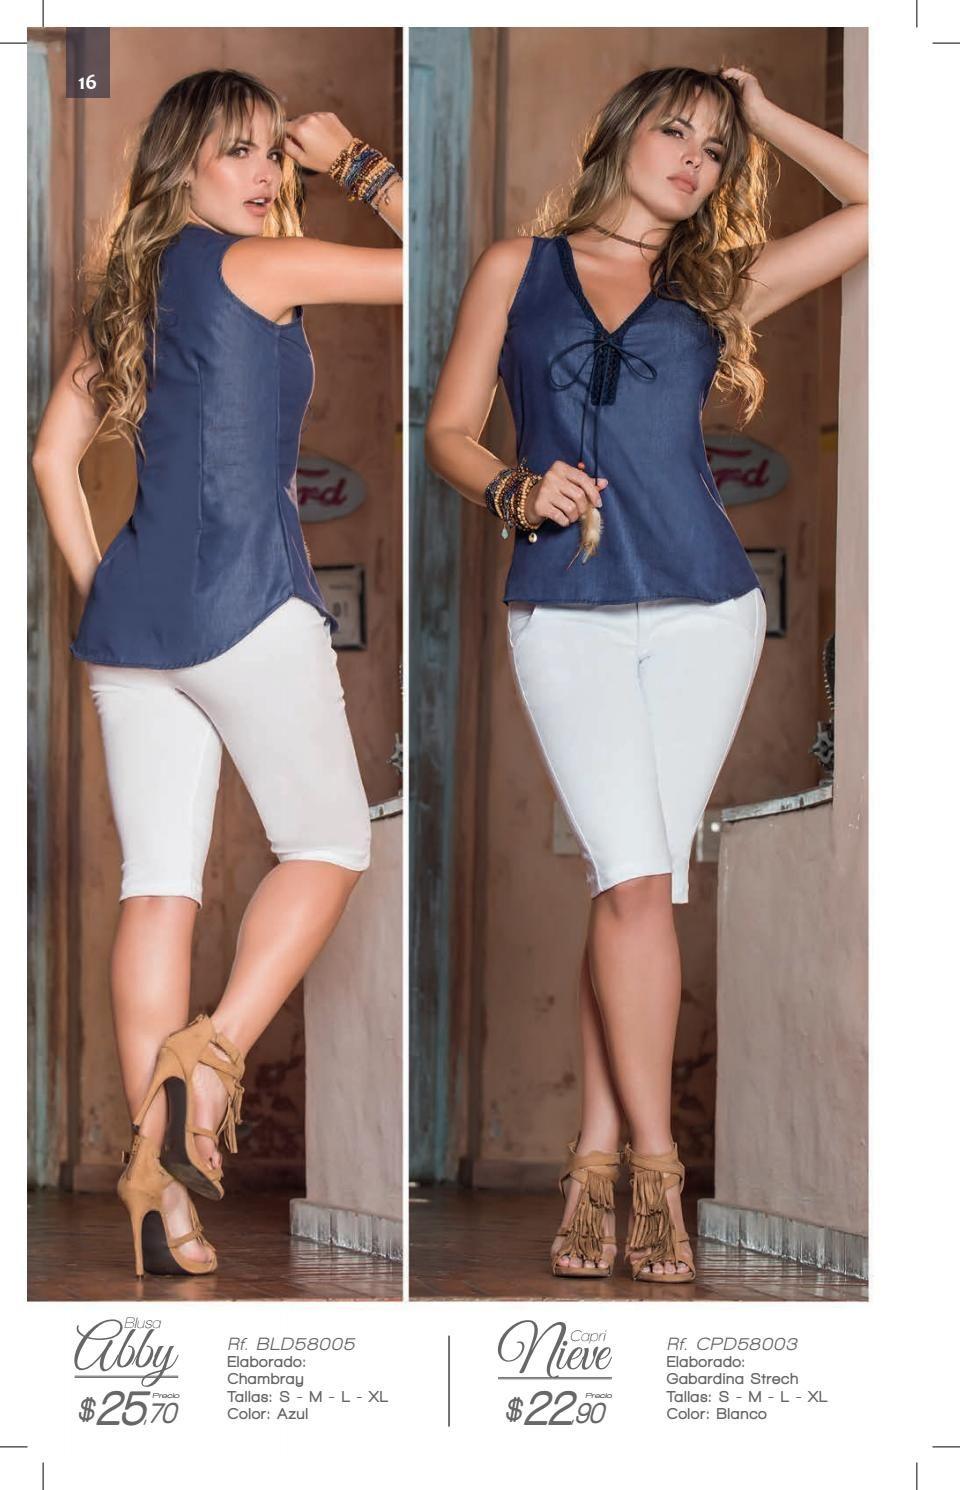 Jolie Ecuador C7 2016 Ropa Catalogos De Ropa Camisa De Moda